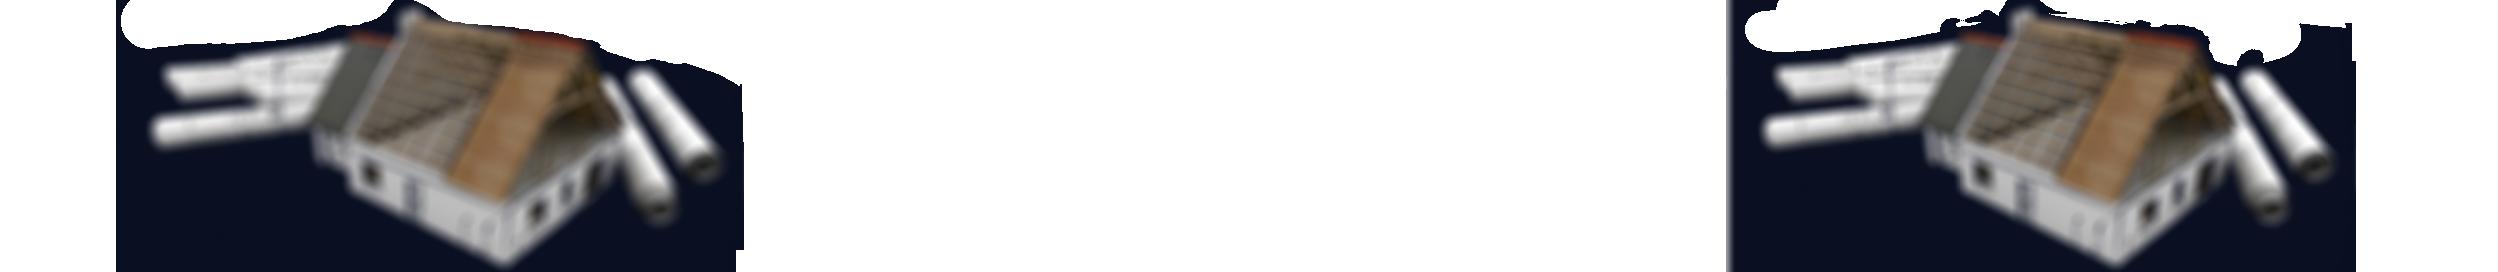 МЕЗОНЕТЫ